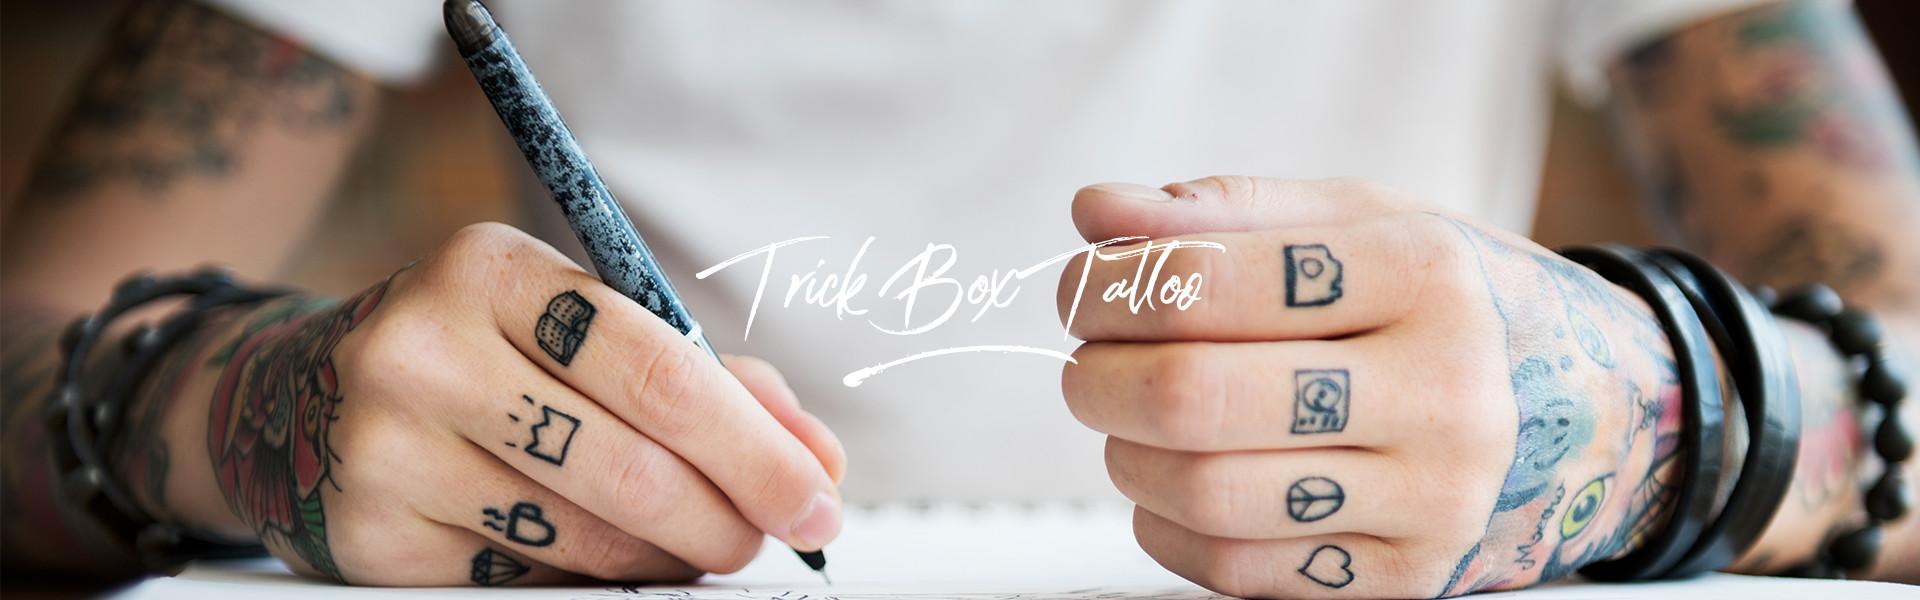 Trick Box Tattoo